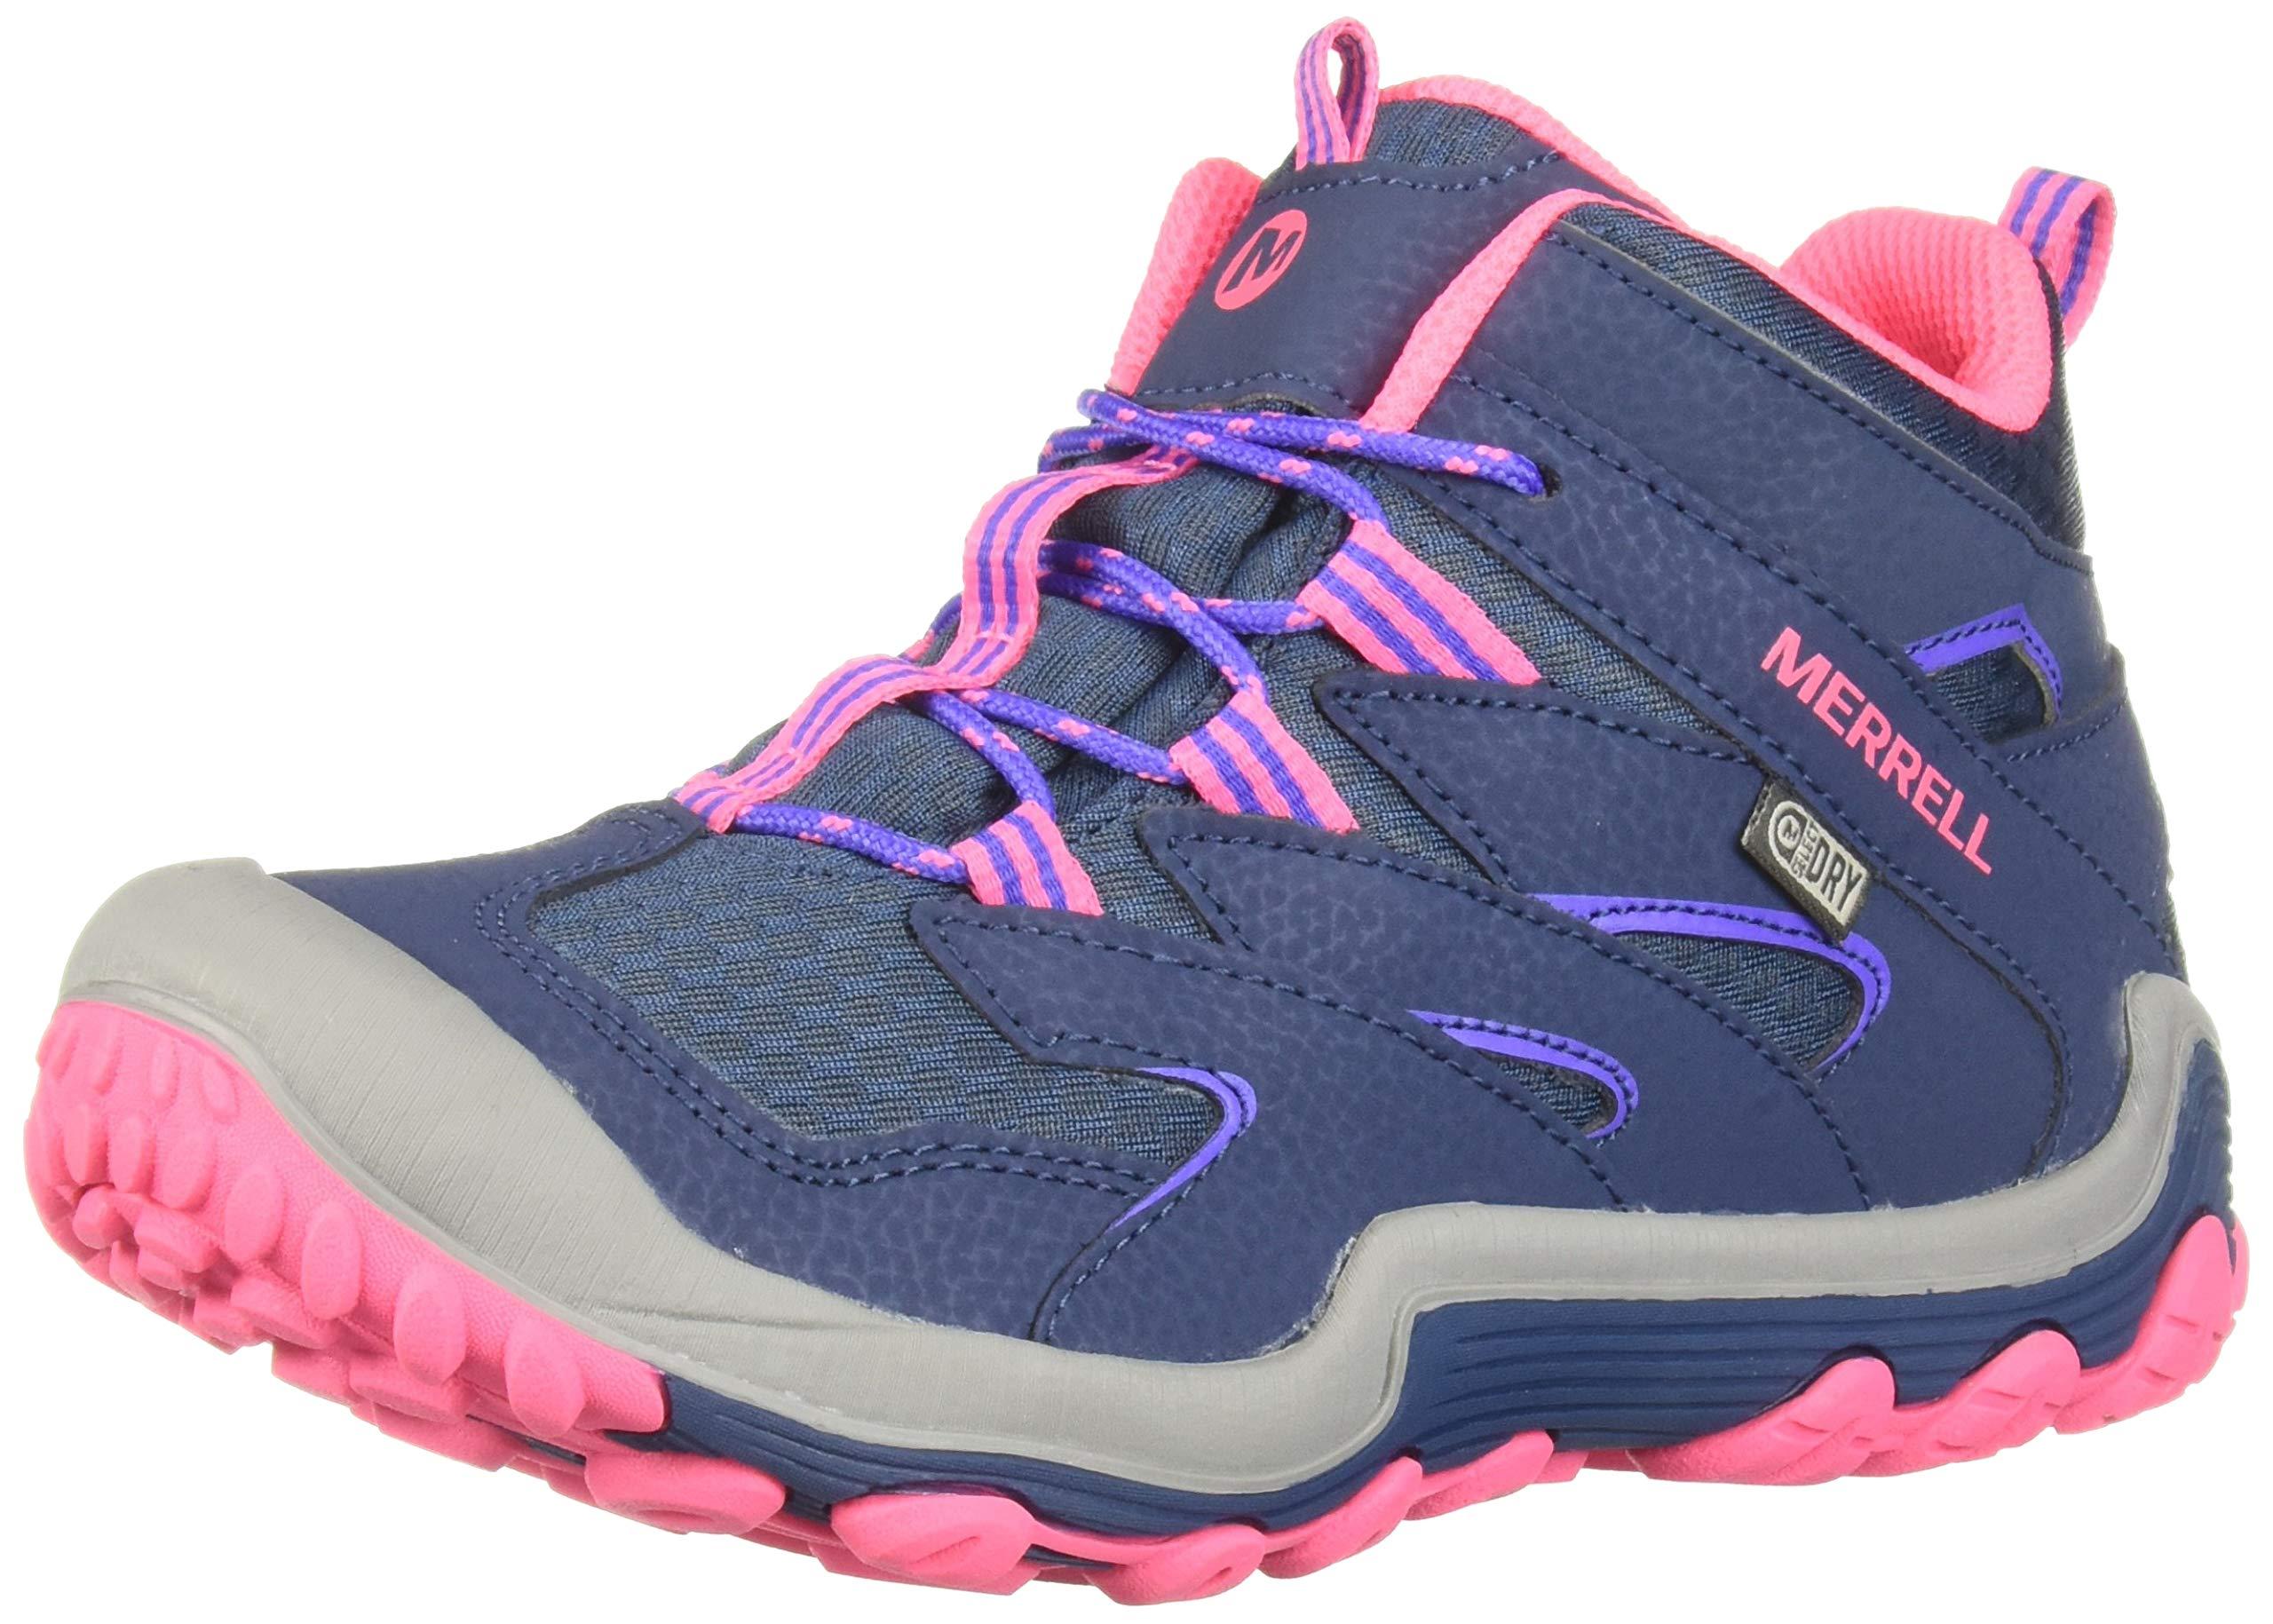 Merrell Girls' Chameleon 7 Mid WTRPF Hiking Shoe Navy/Coral 10.5 Medium US Little Kid